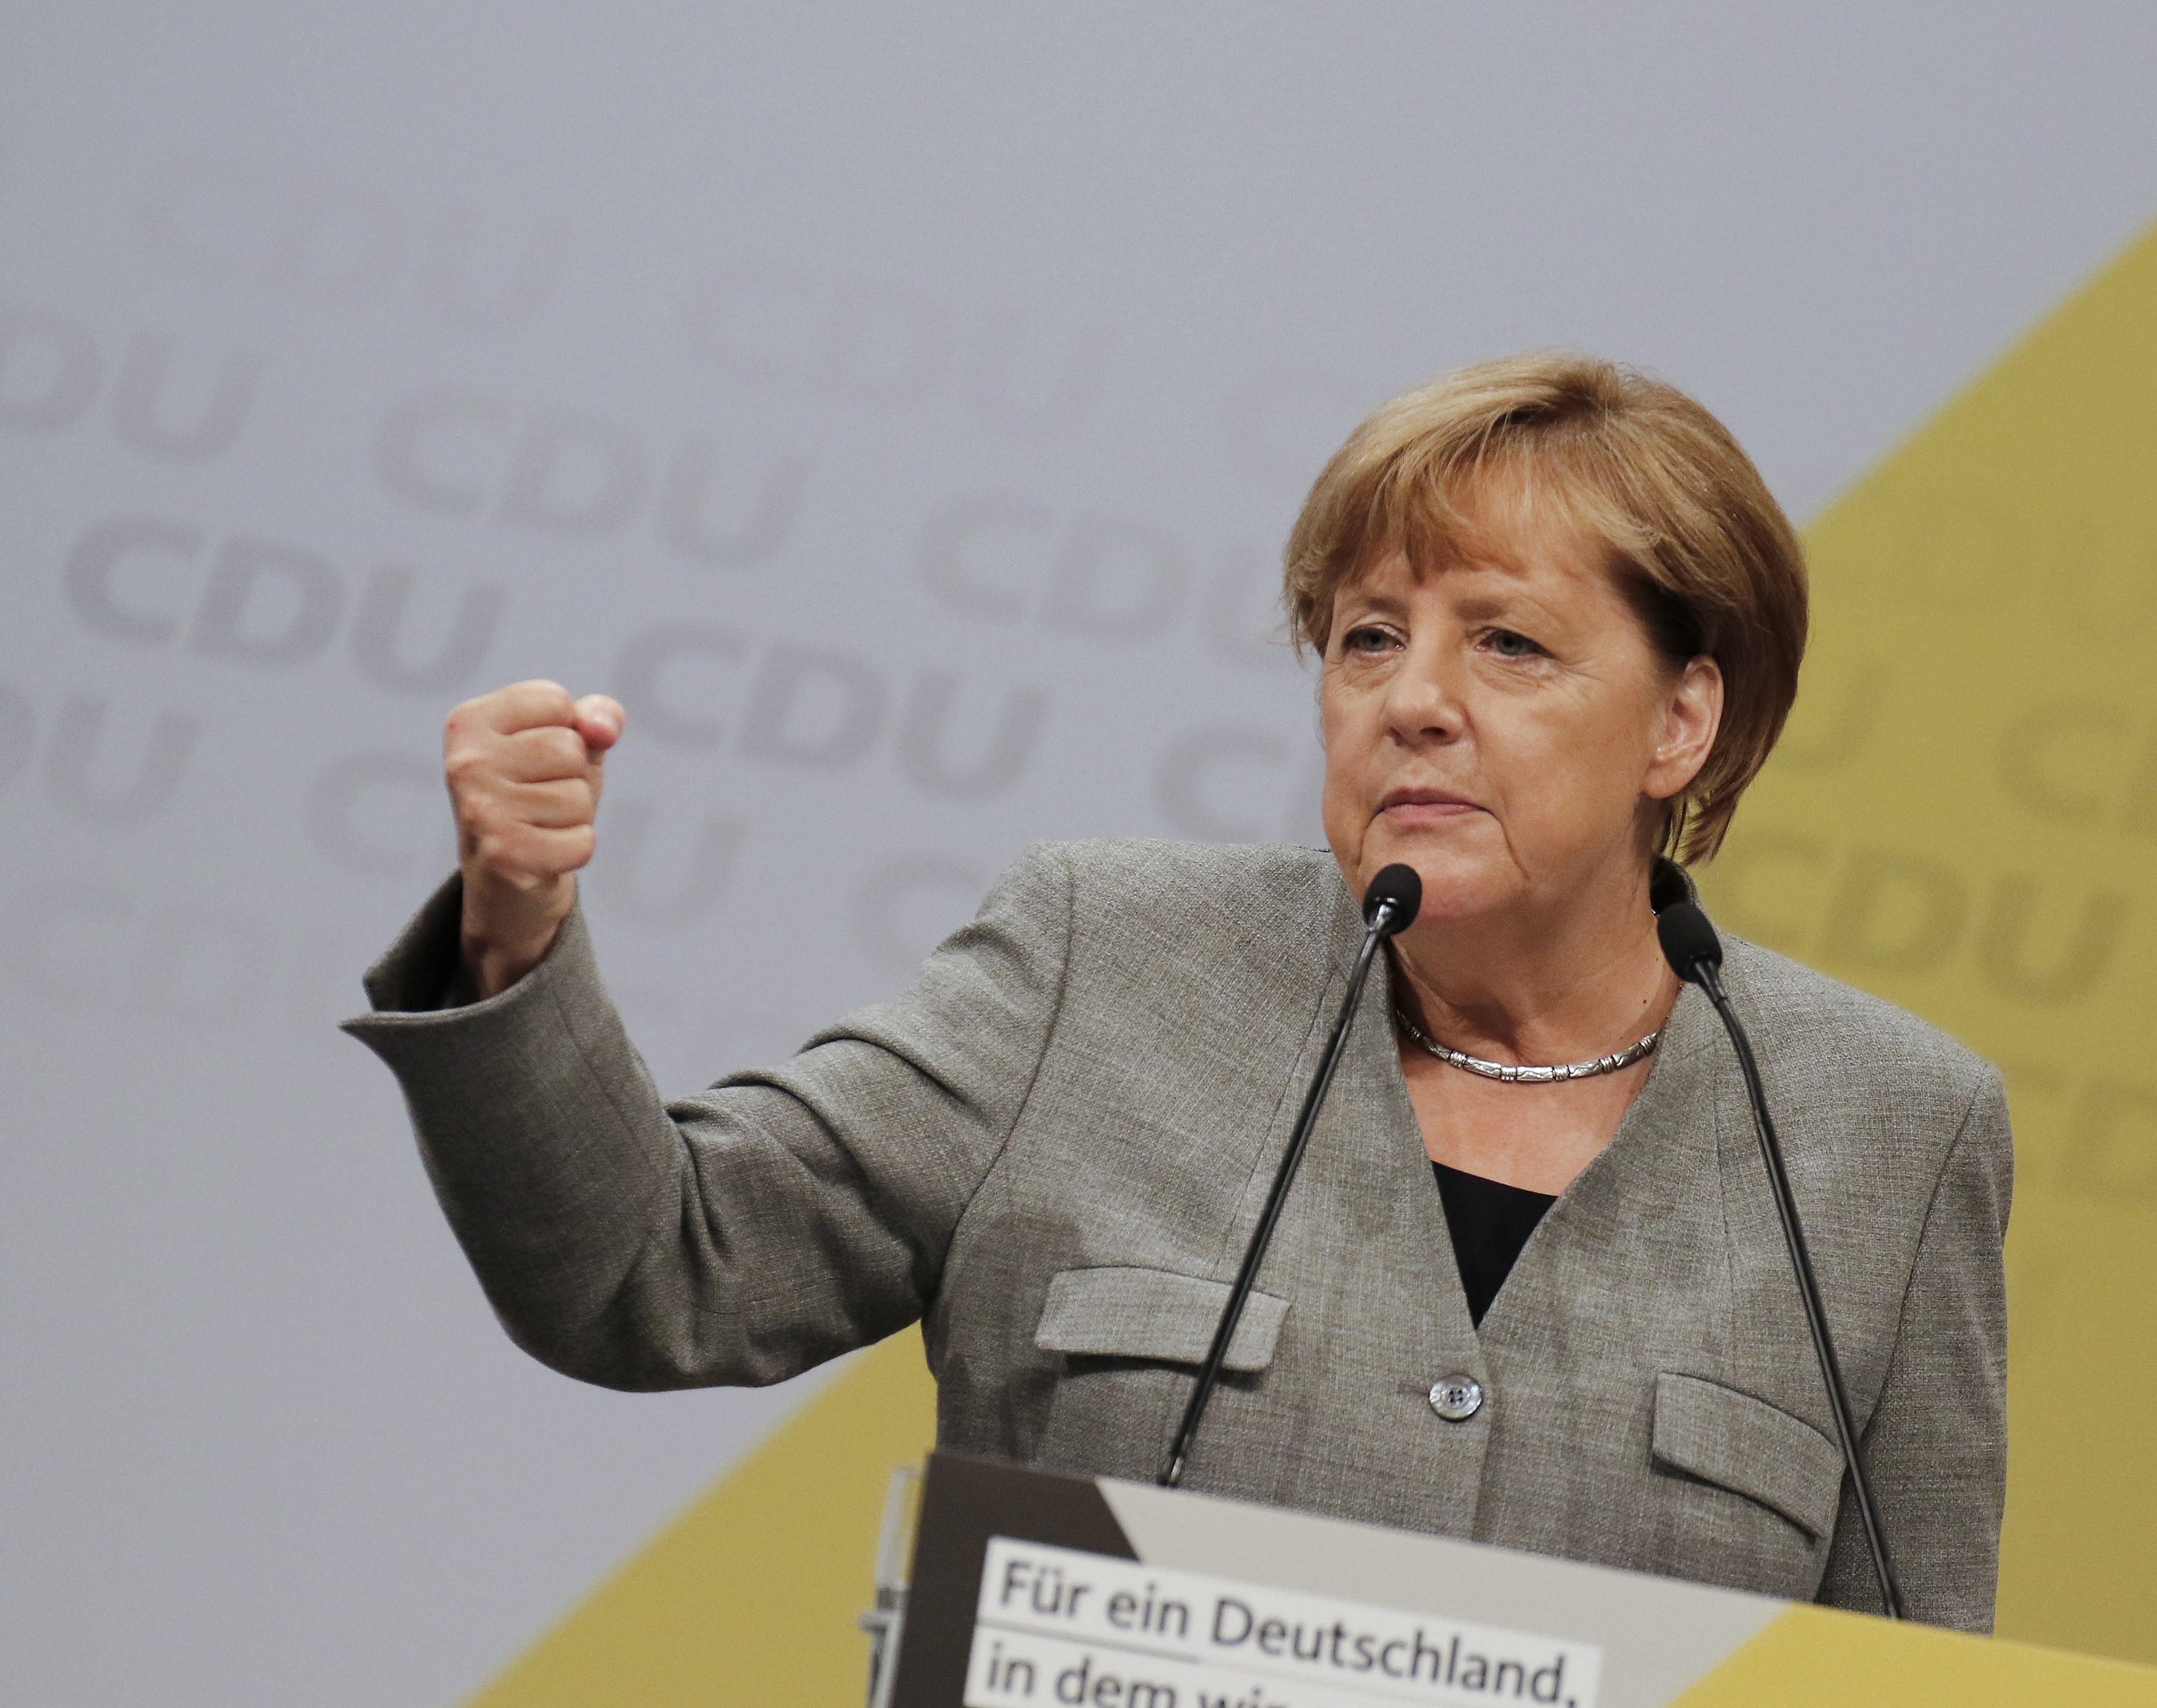 Merkel: Egyetlen ország van, amelyik nem fogadja el az Európai Bíróság ítéletét, és ez elfogadhatatlan